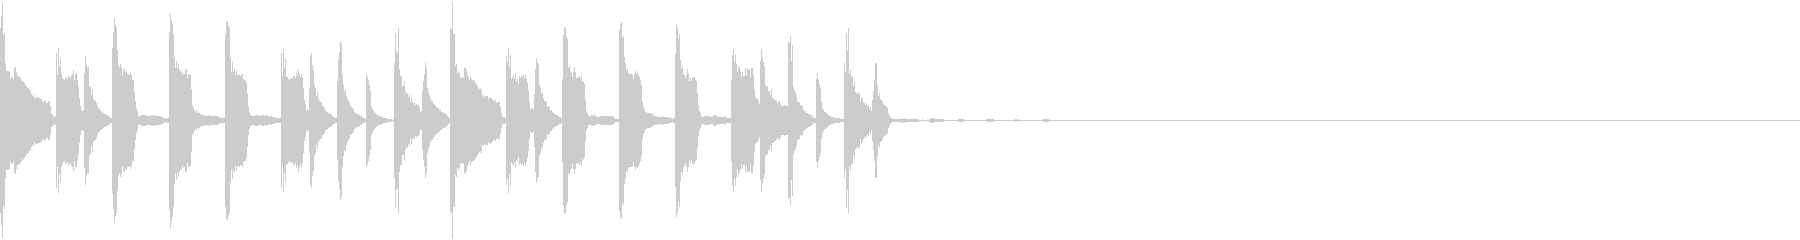 スローなトラップジングル2の未再生の波形